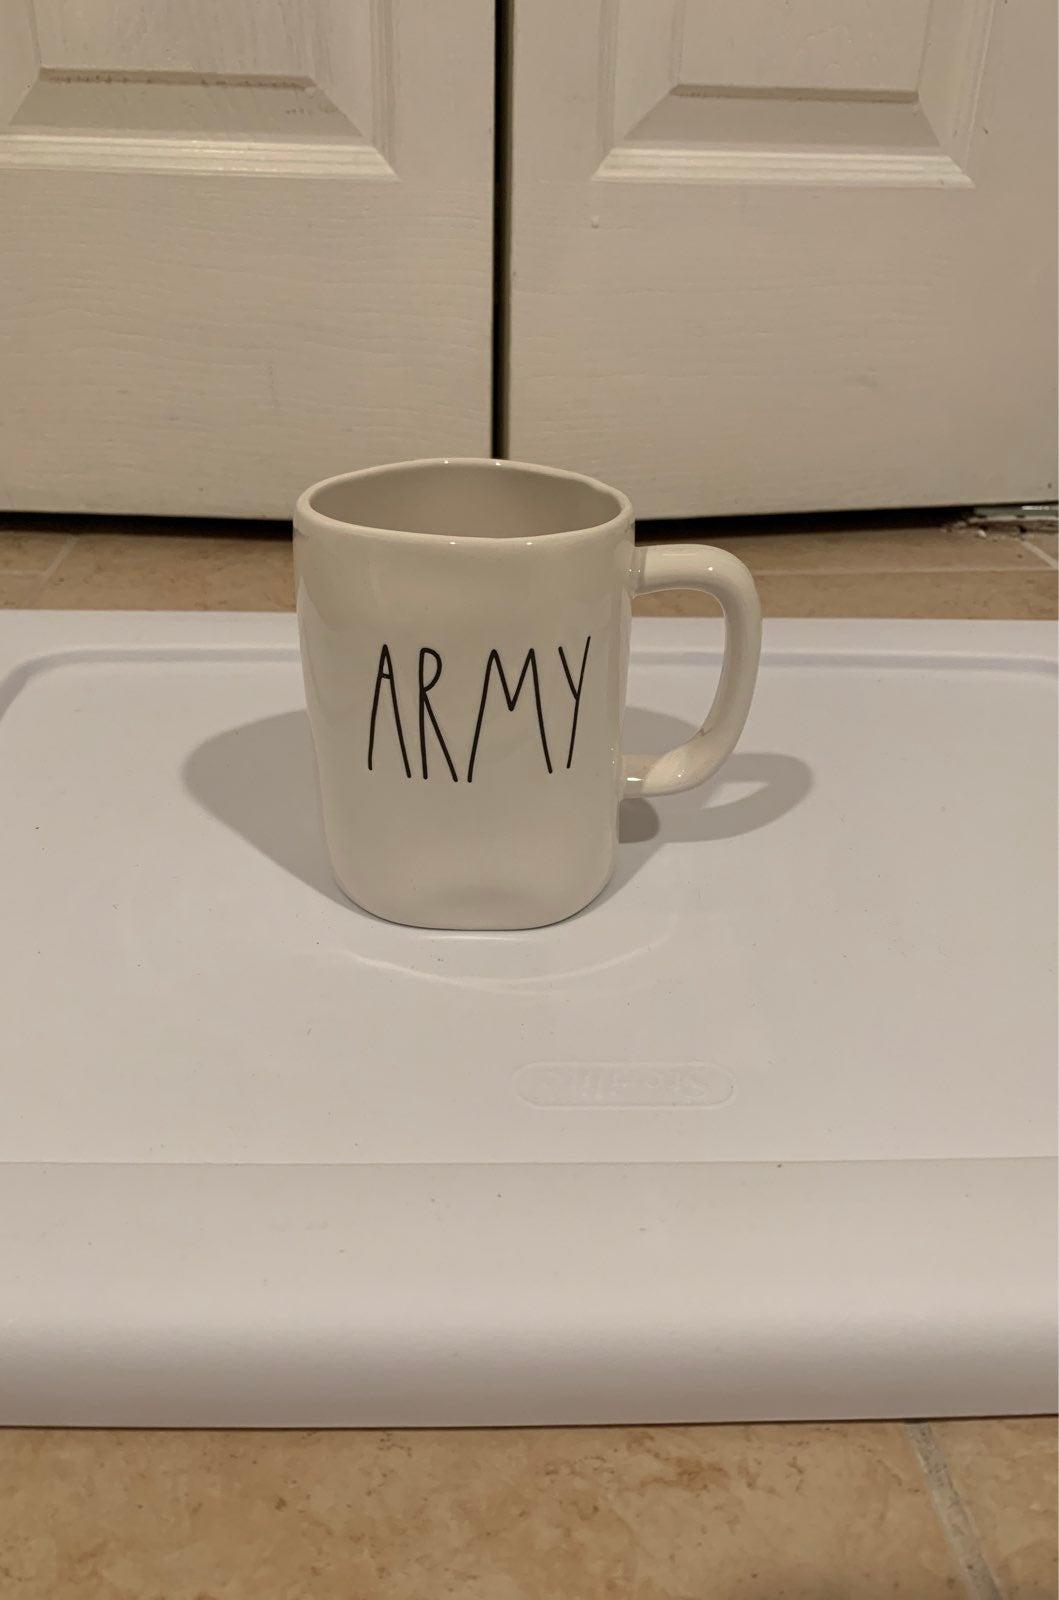 New Rae Dunn Army mug